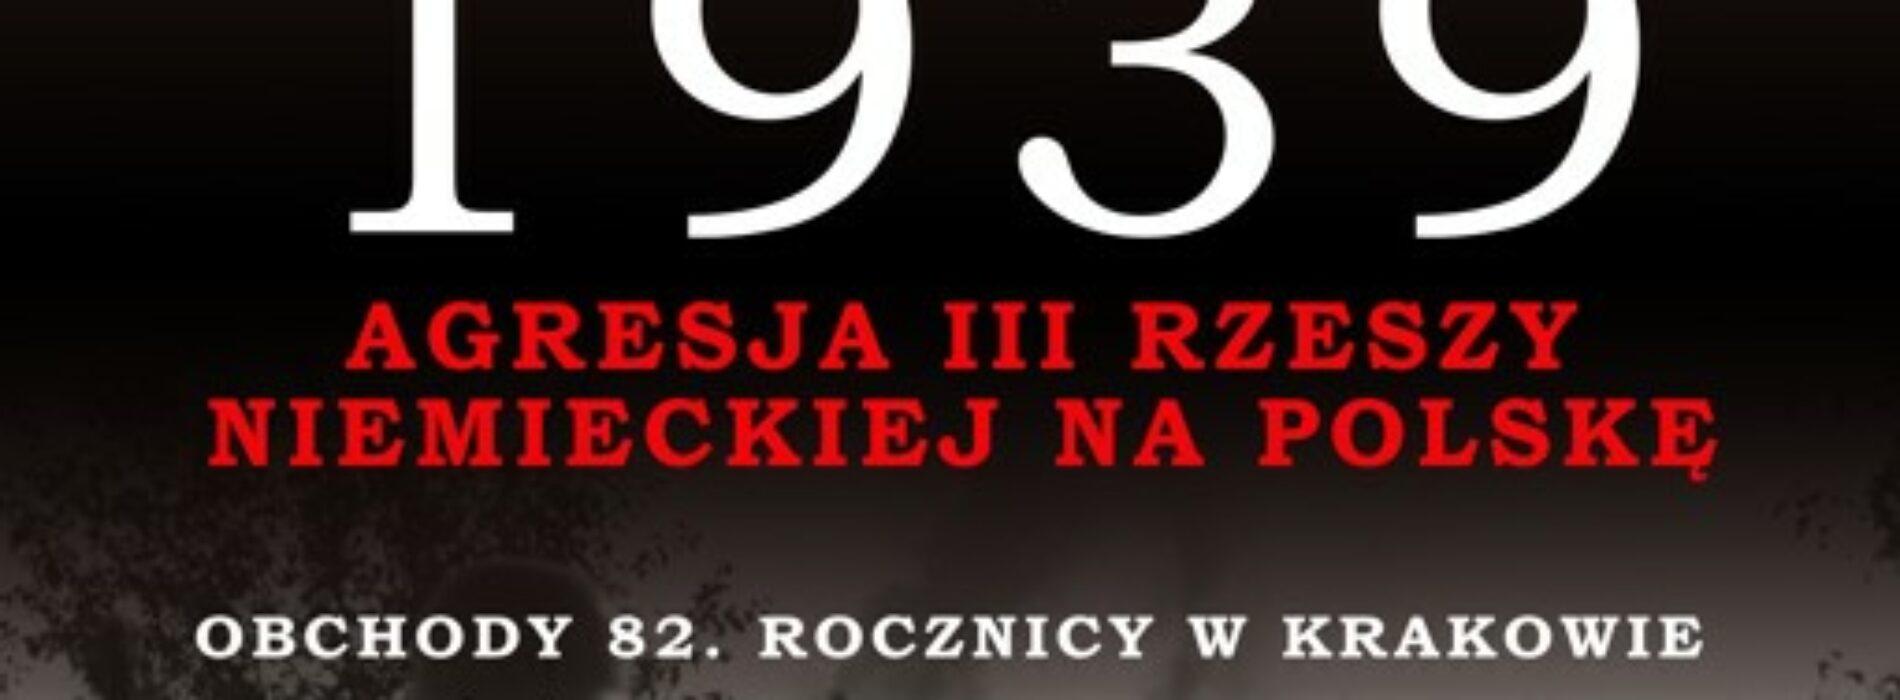 Krakowskie obchody 82. rocznicy wybuchu II wojny światowej